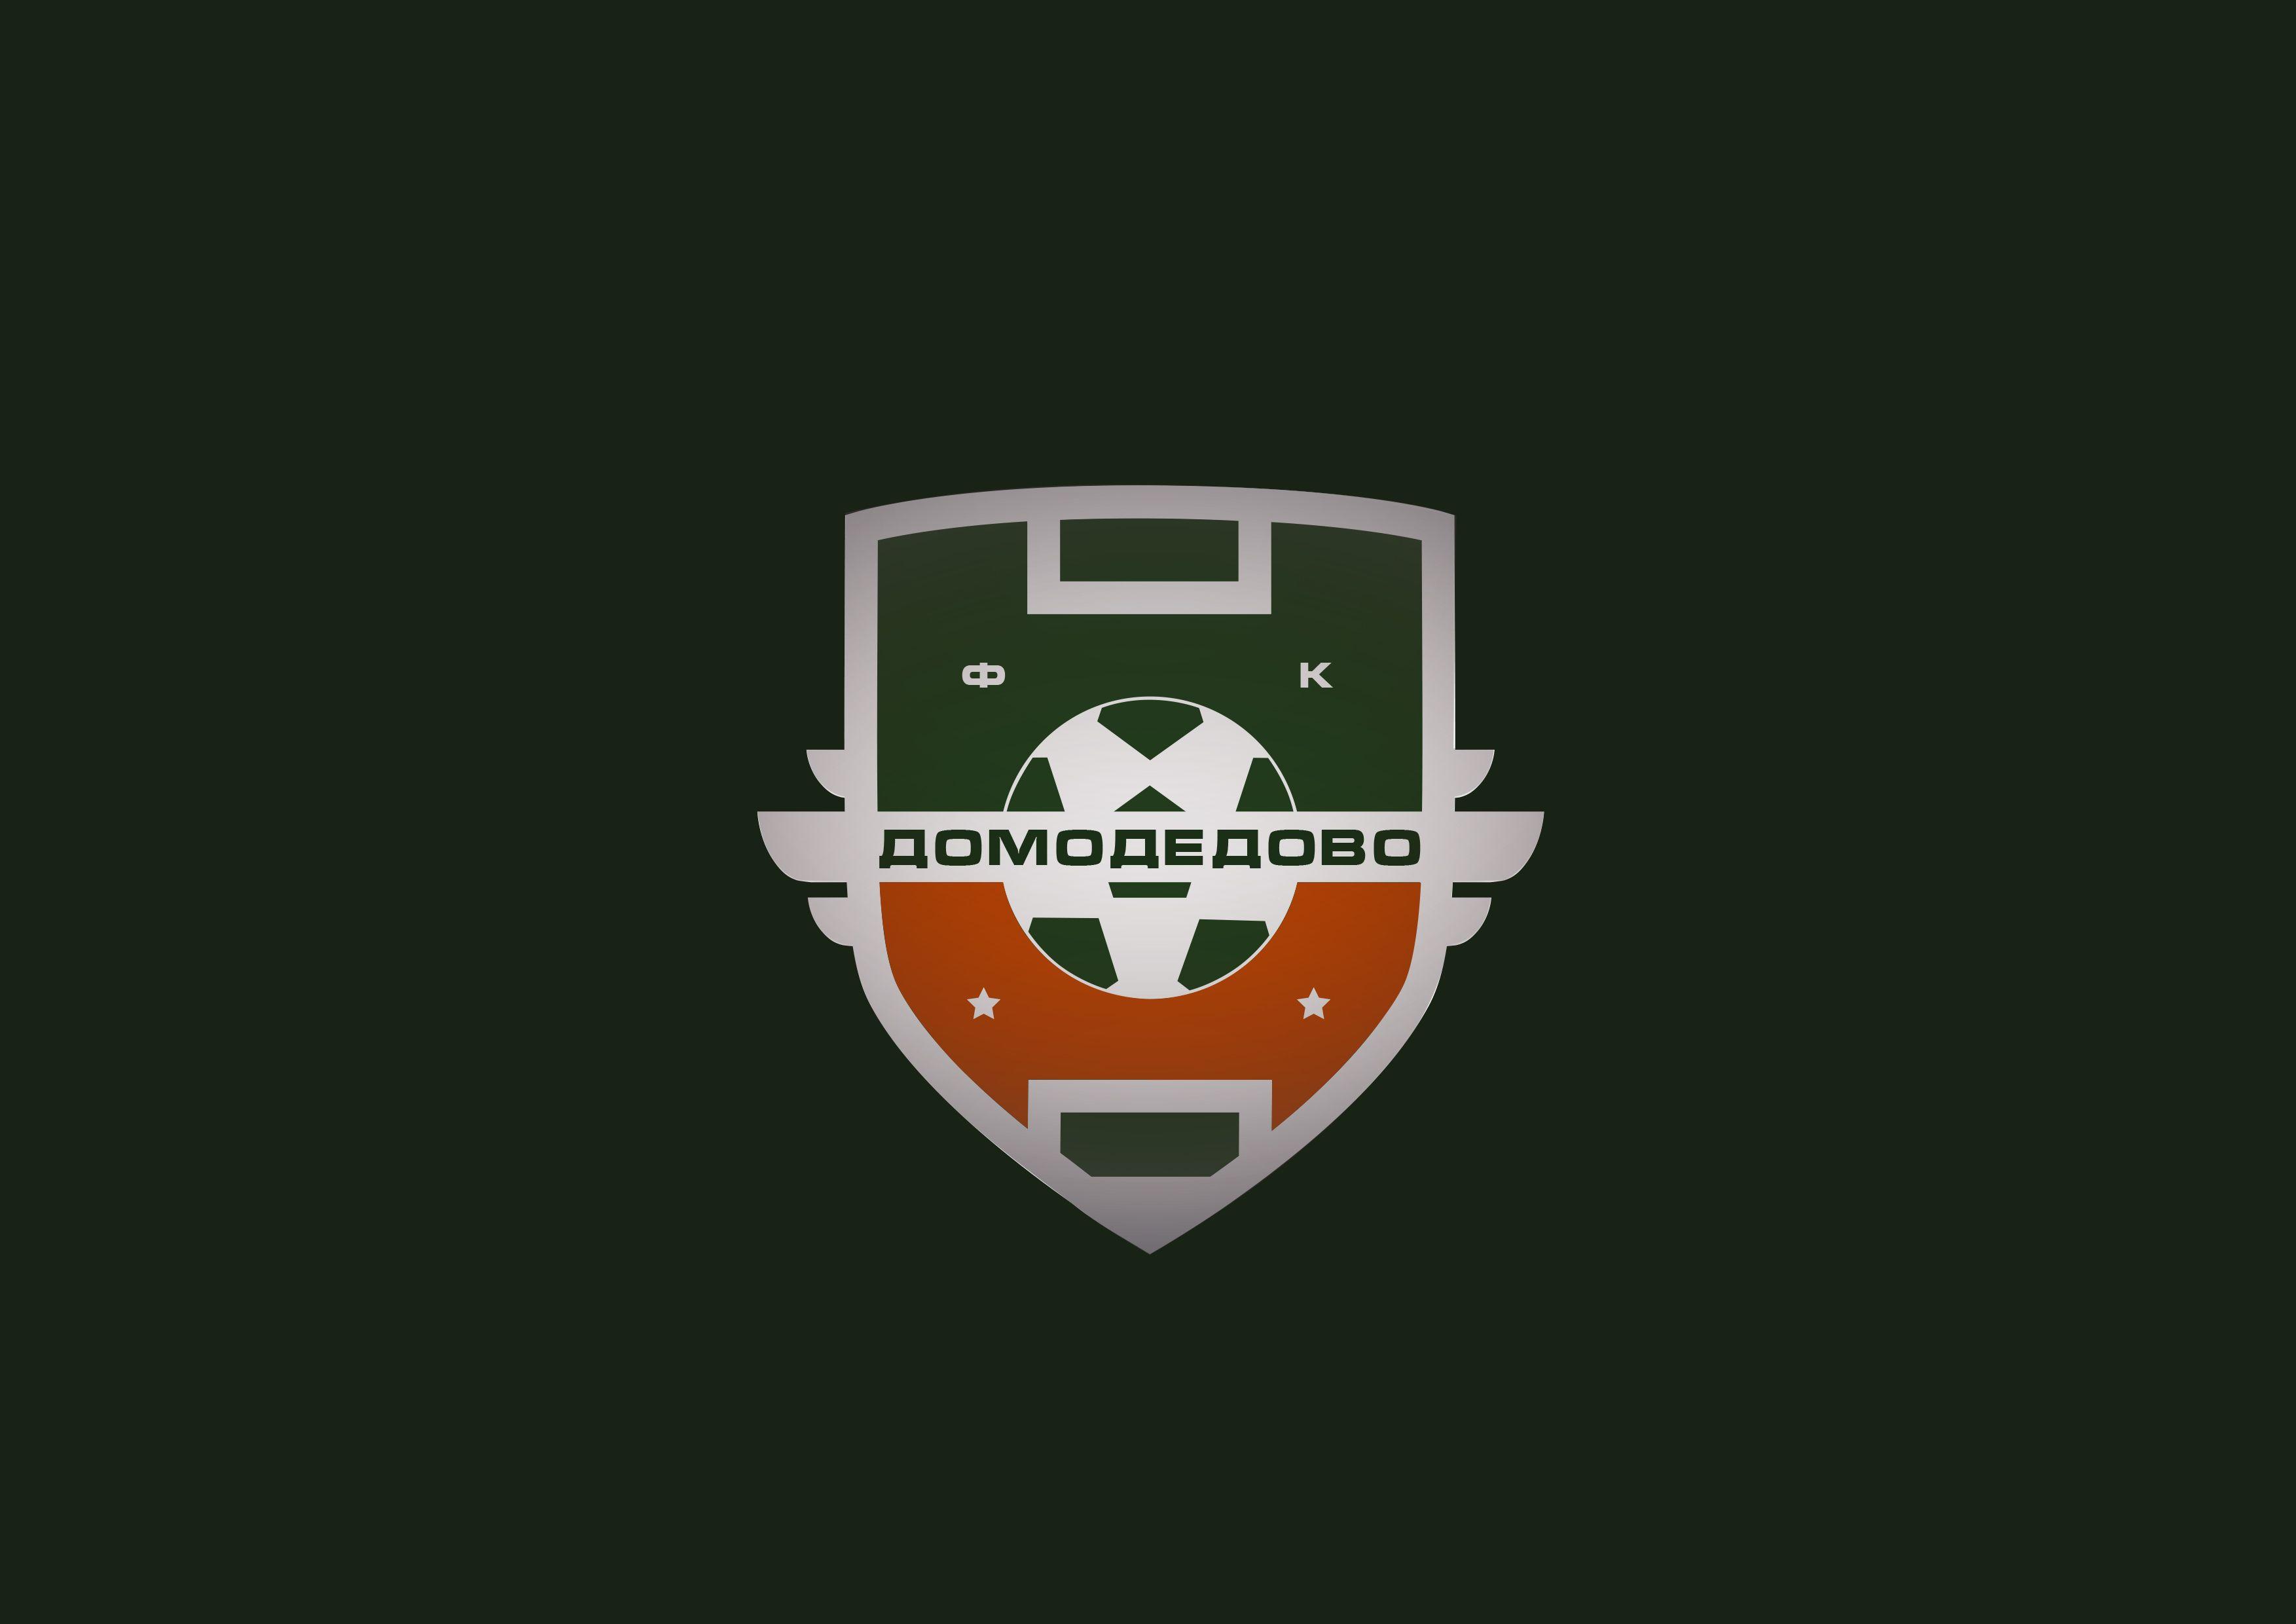 Логотип (Эмблема) для нового Футбольного клуба - дизайнер white